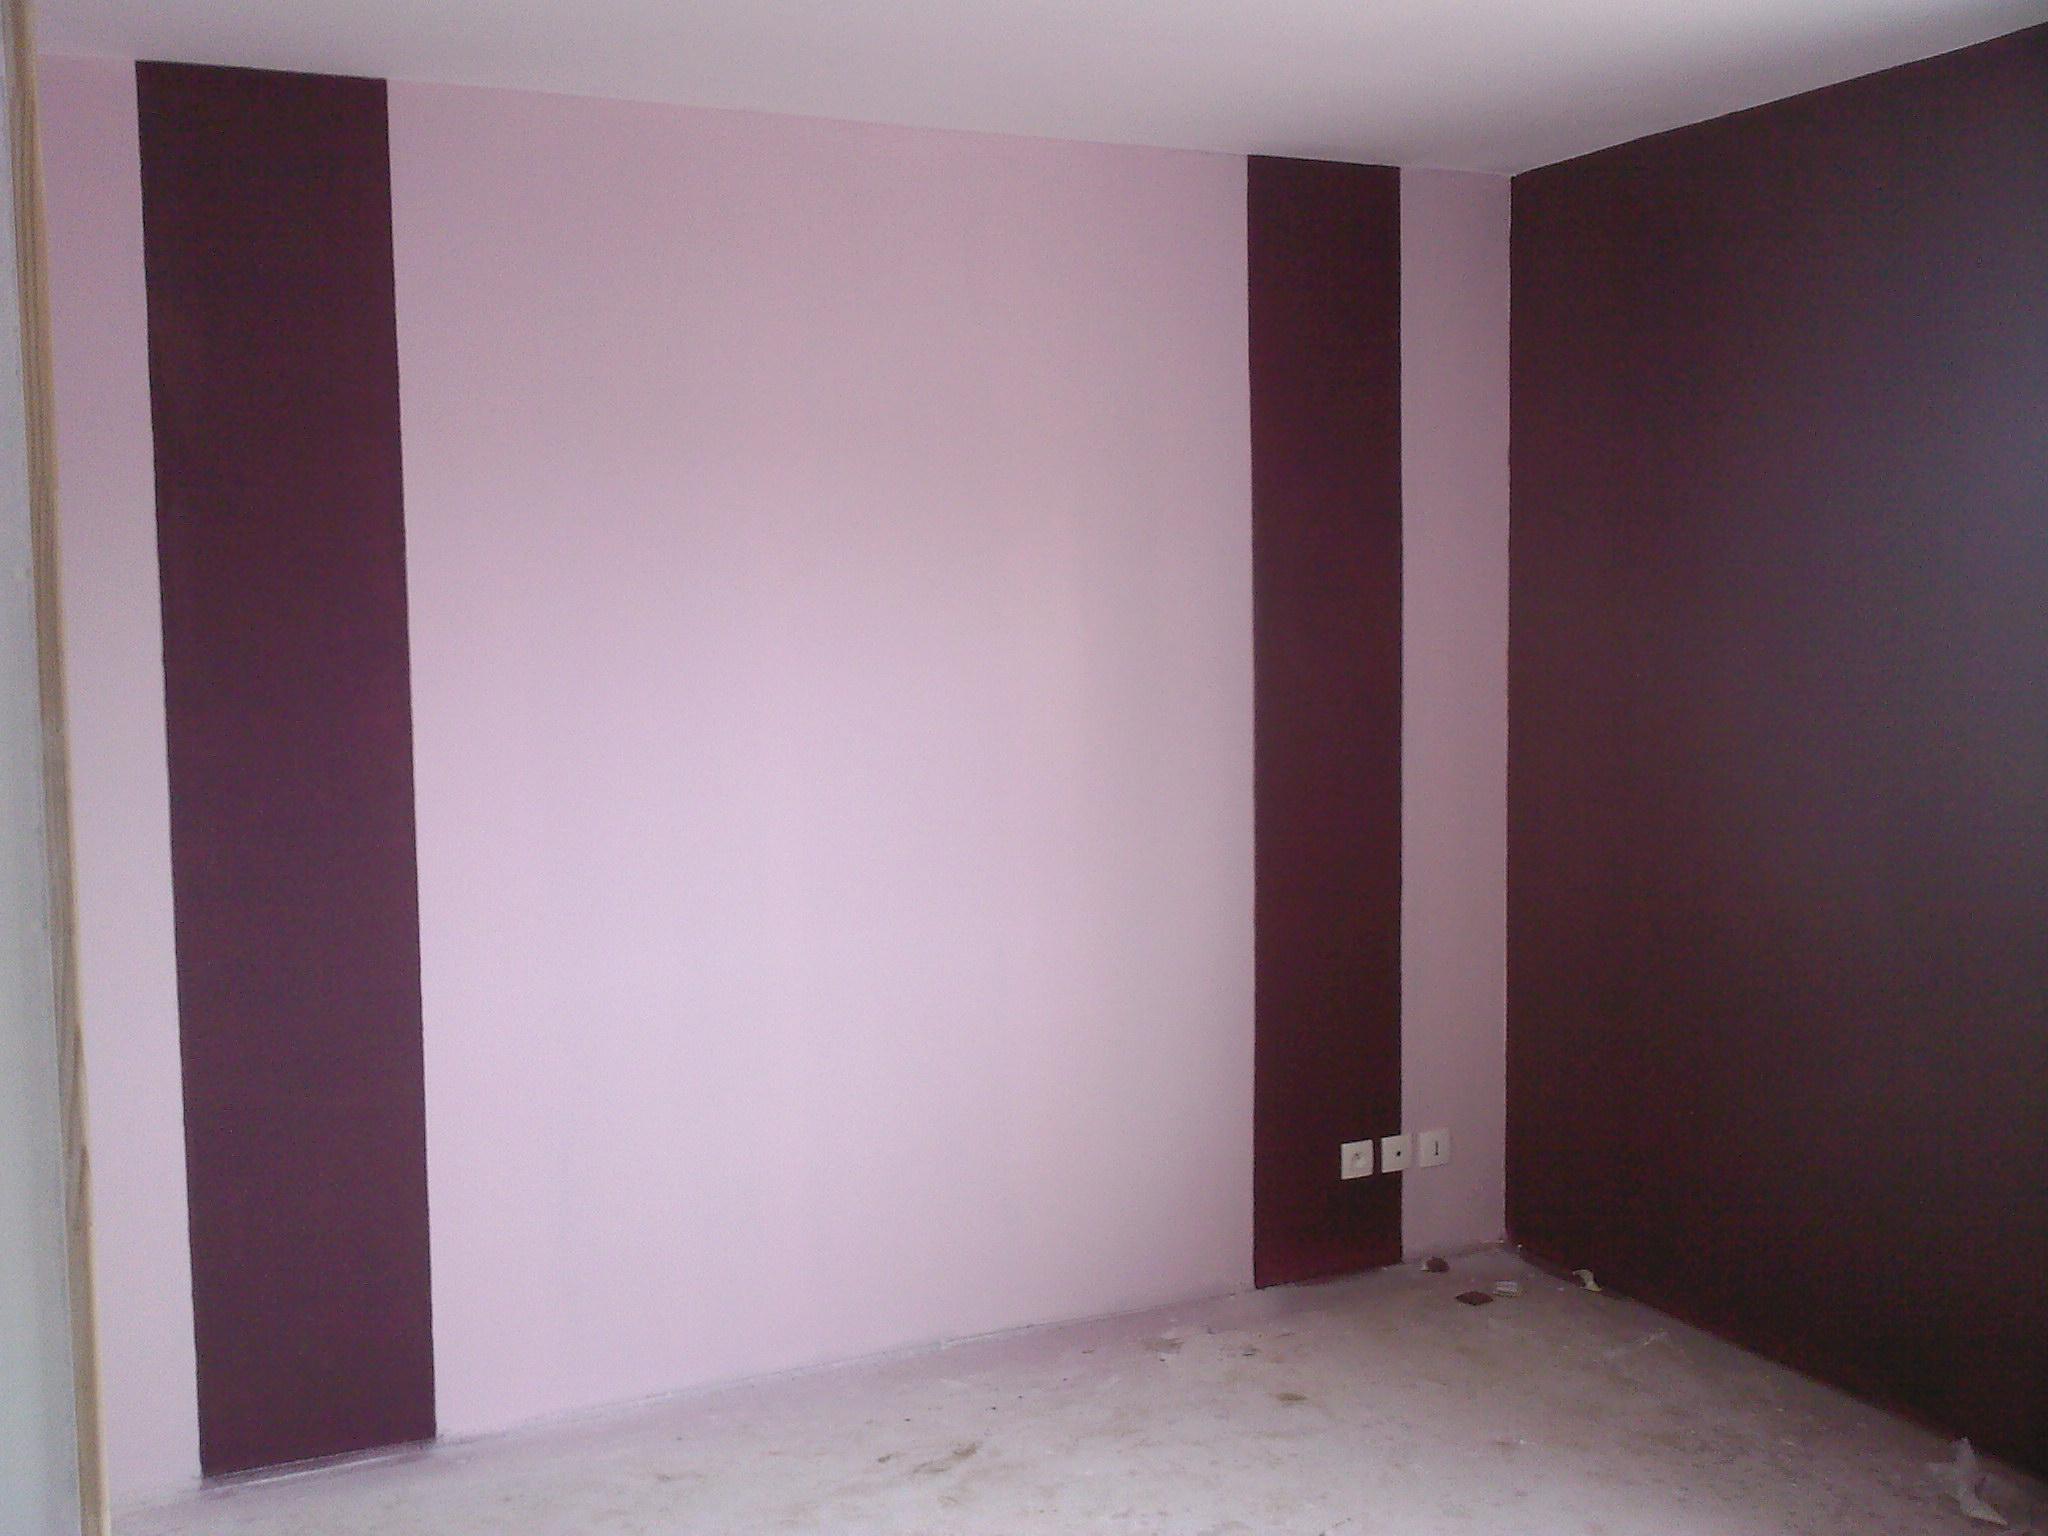 Peinture murale chambre et sjour par Mr Bricolage